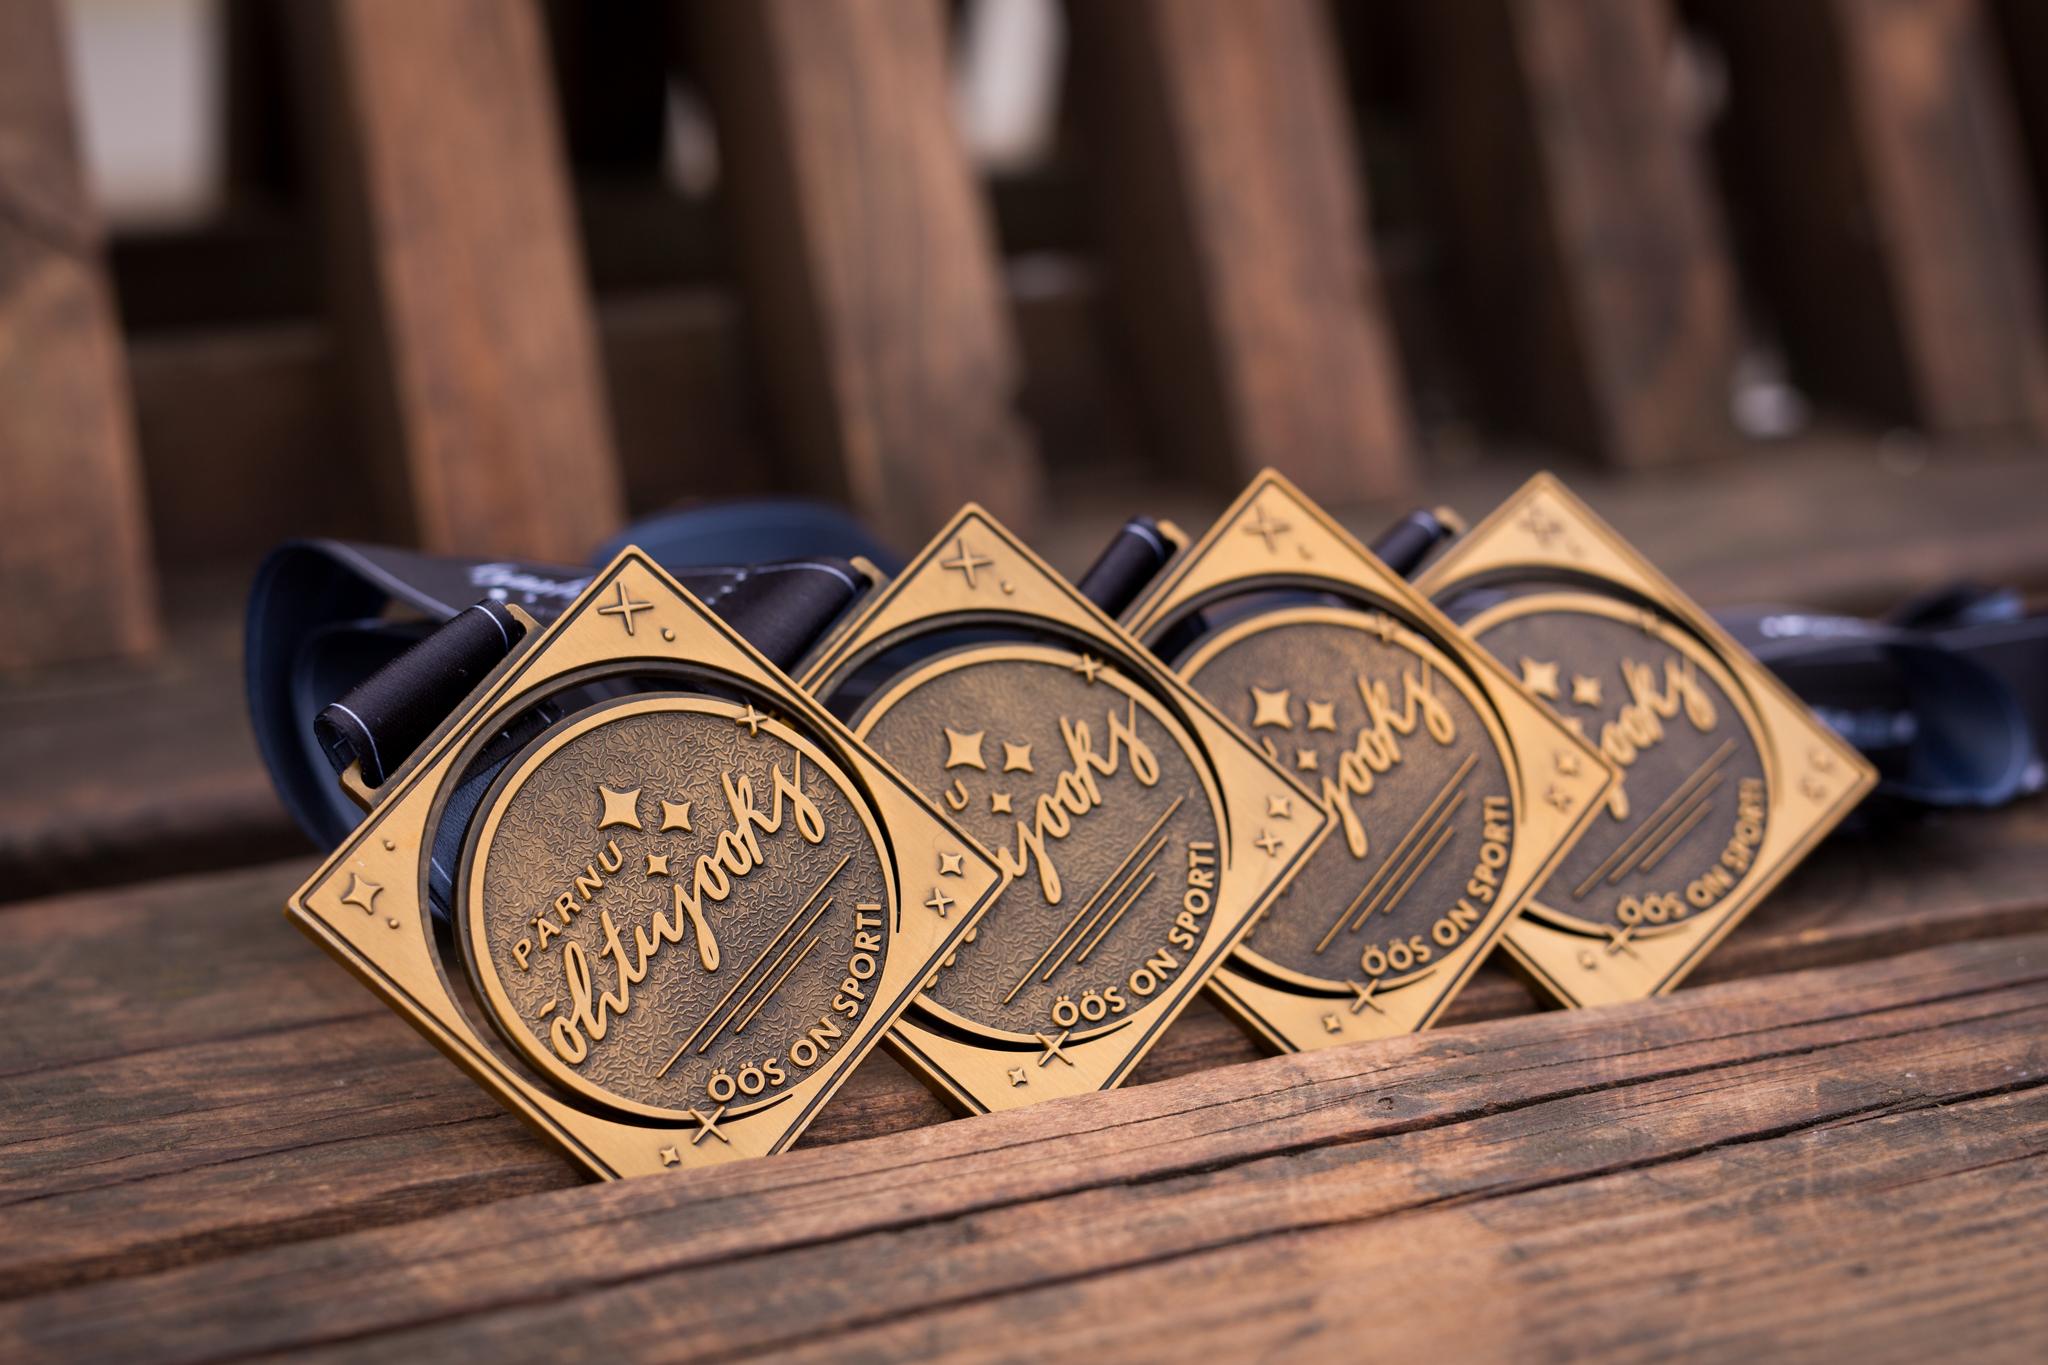 Pärnu Õhtujooks_medal